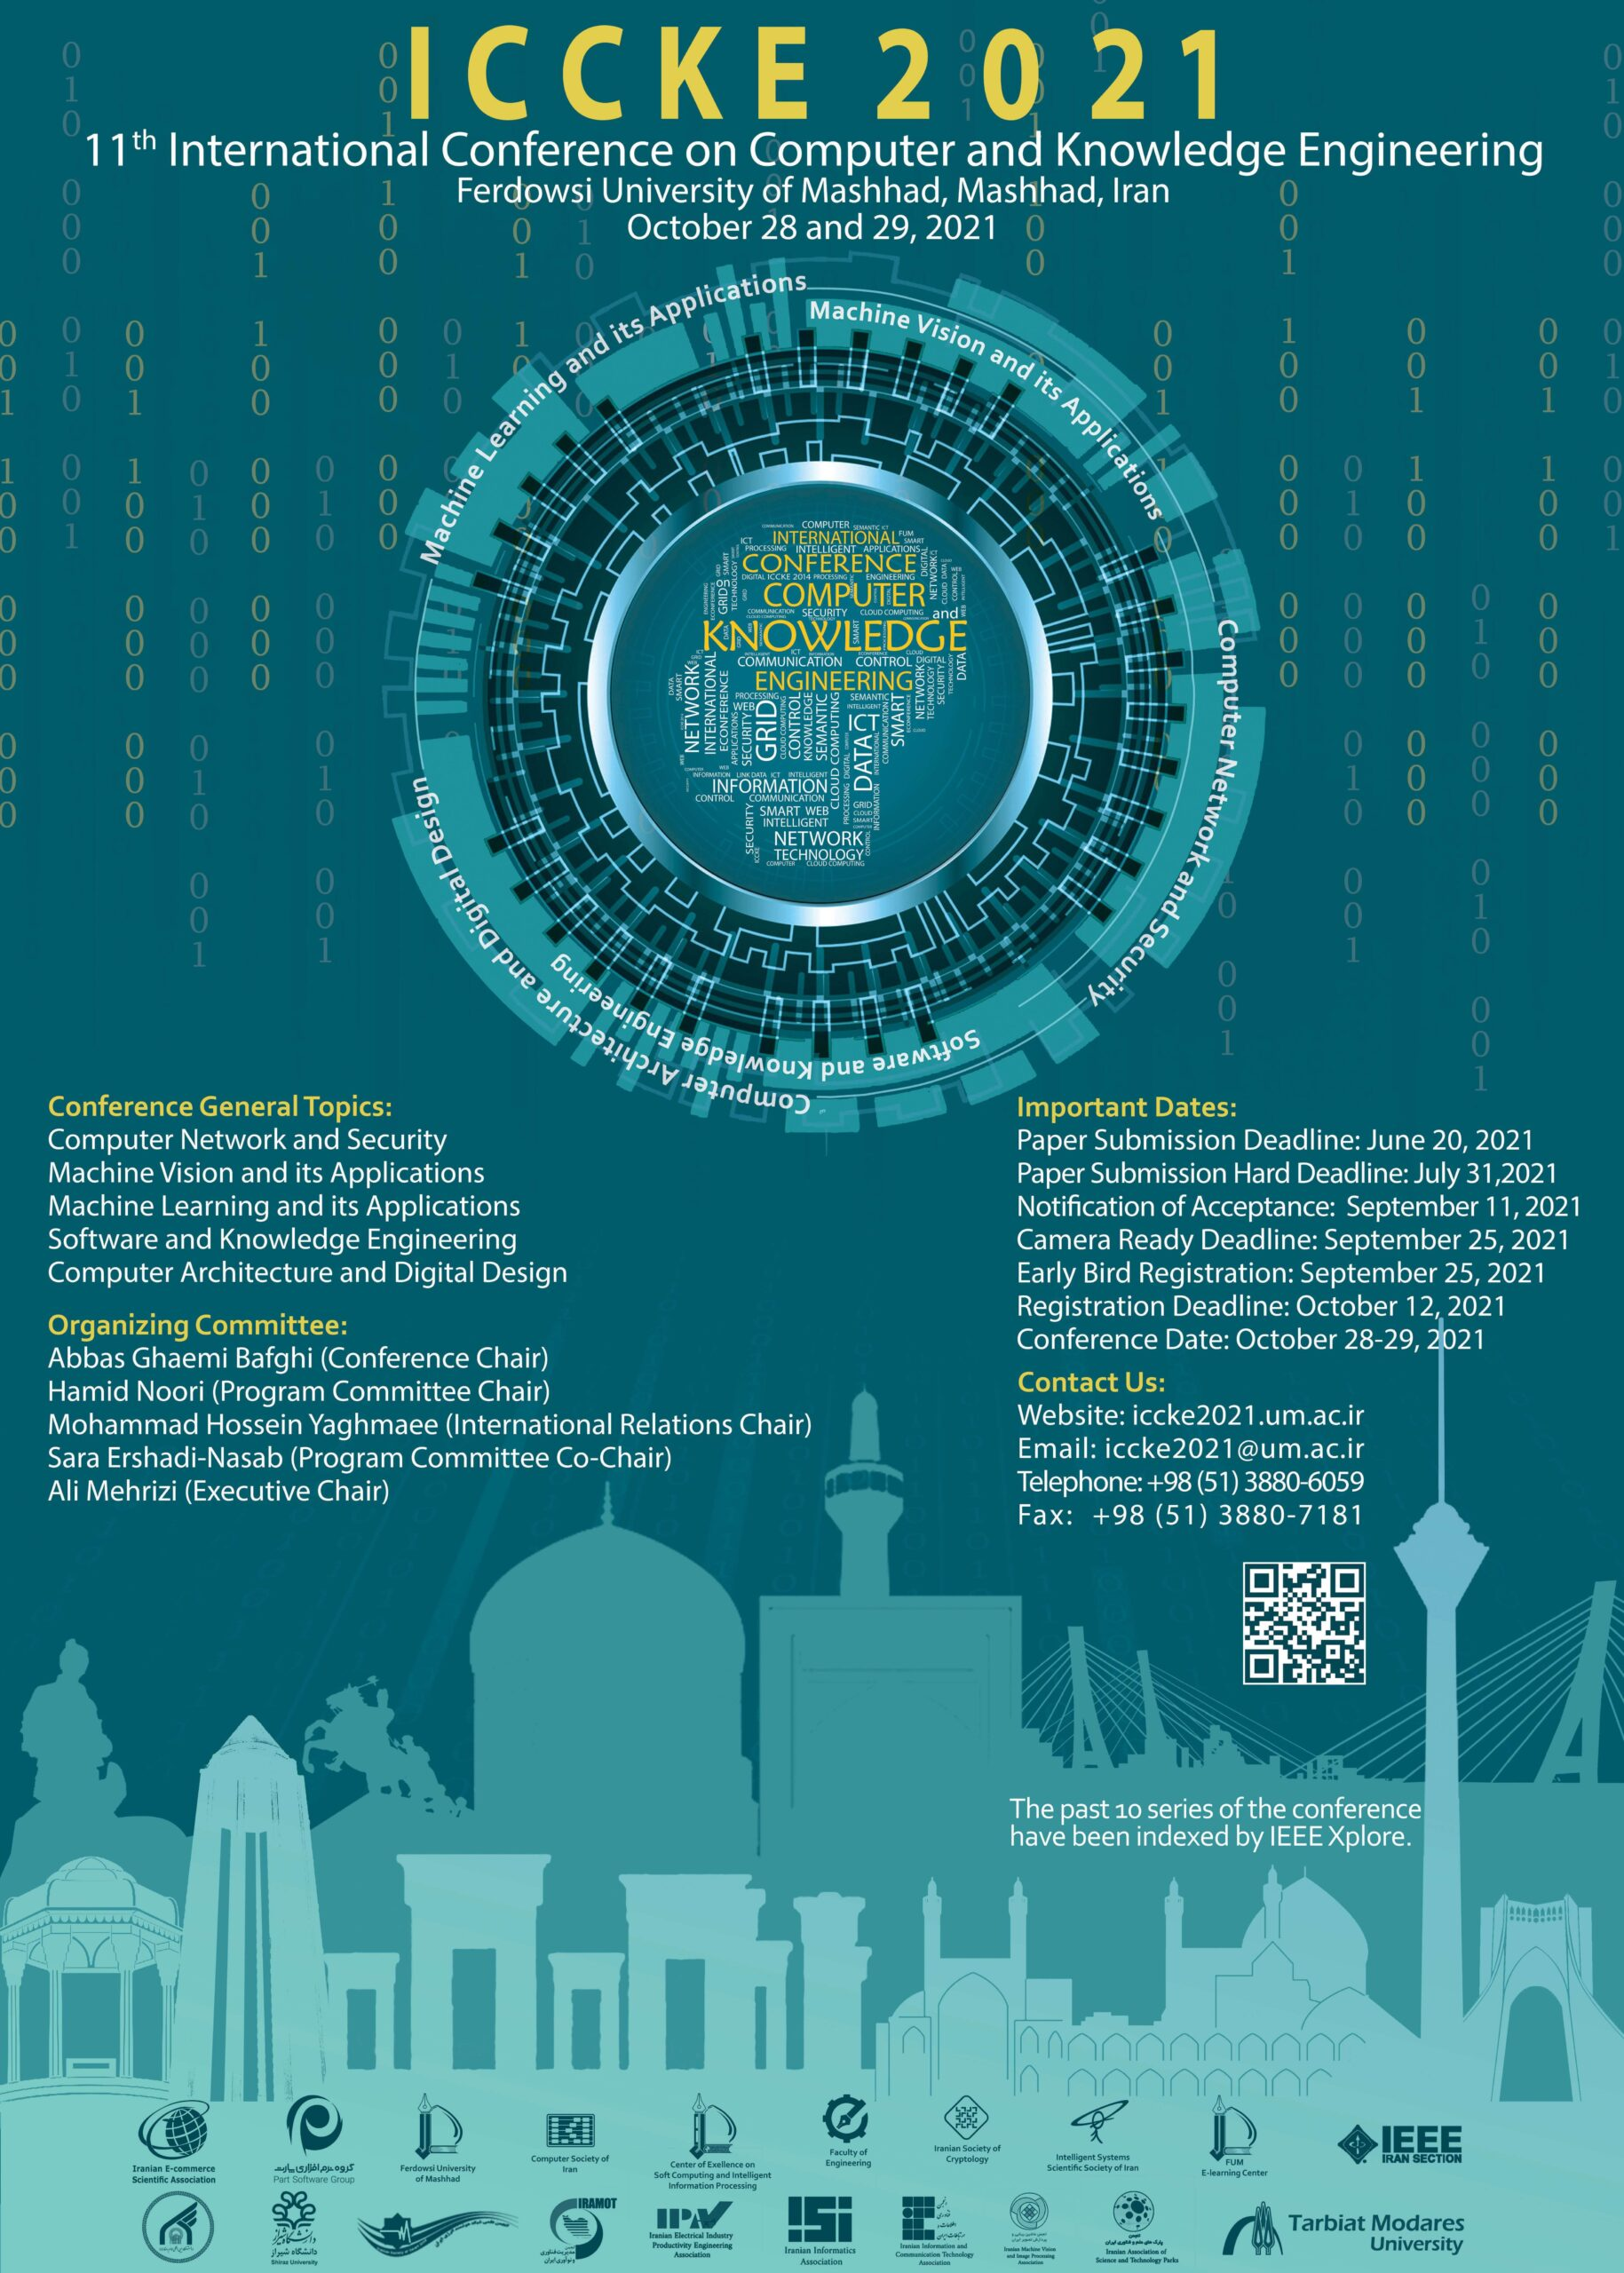 یازدهمین کنفرانس بینالمللی کامپیوتر